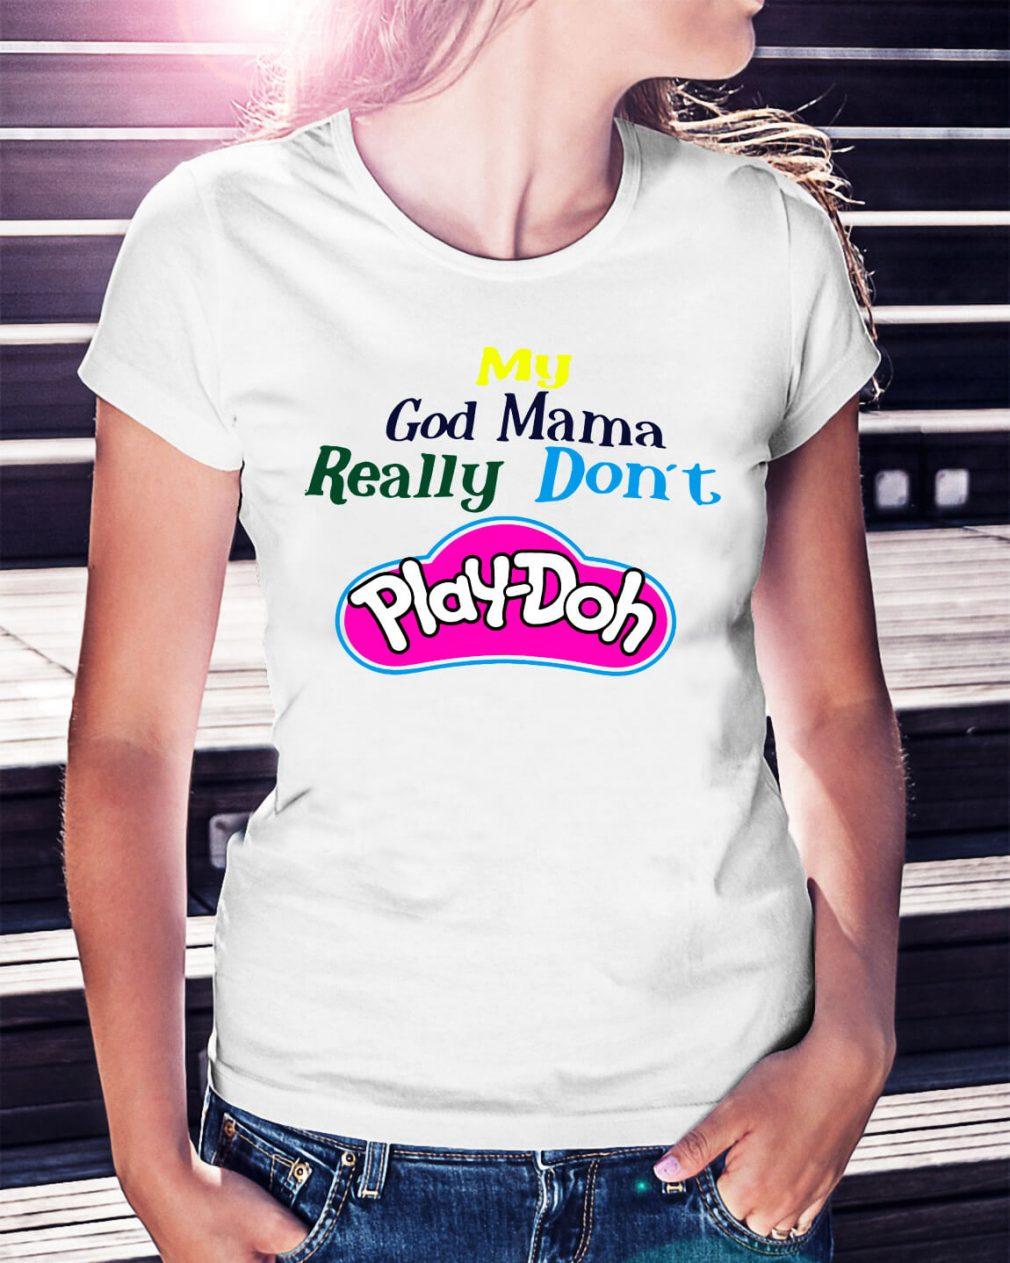 My God momma really don't play-doh shirt